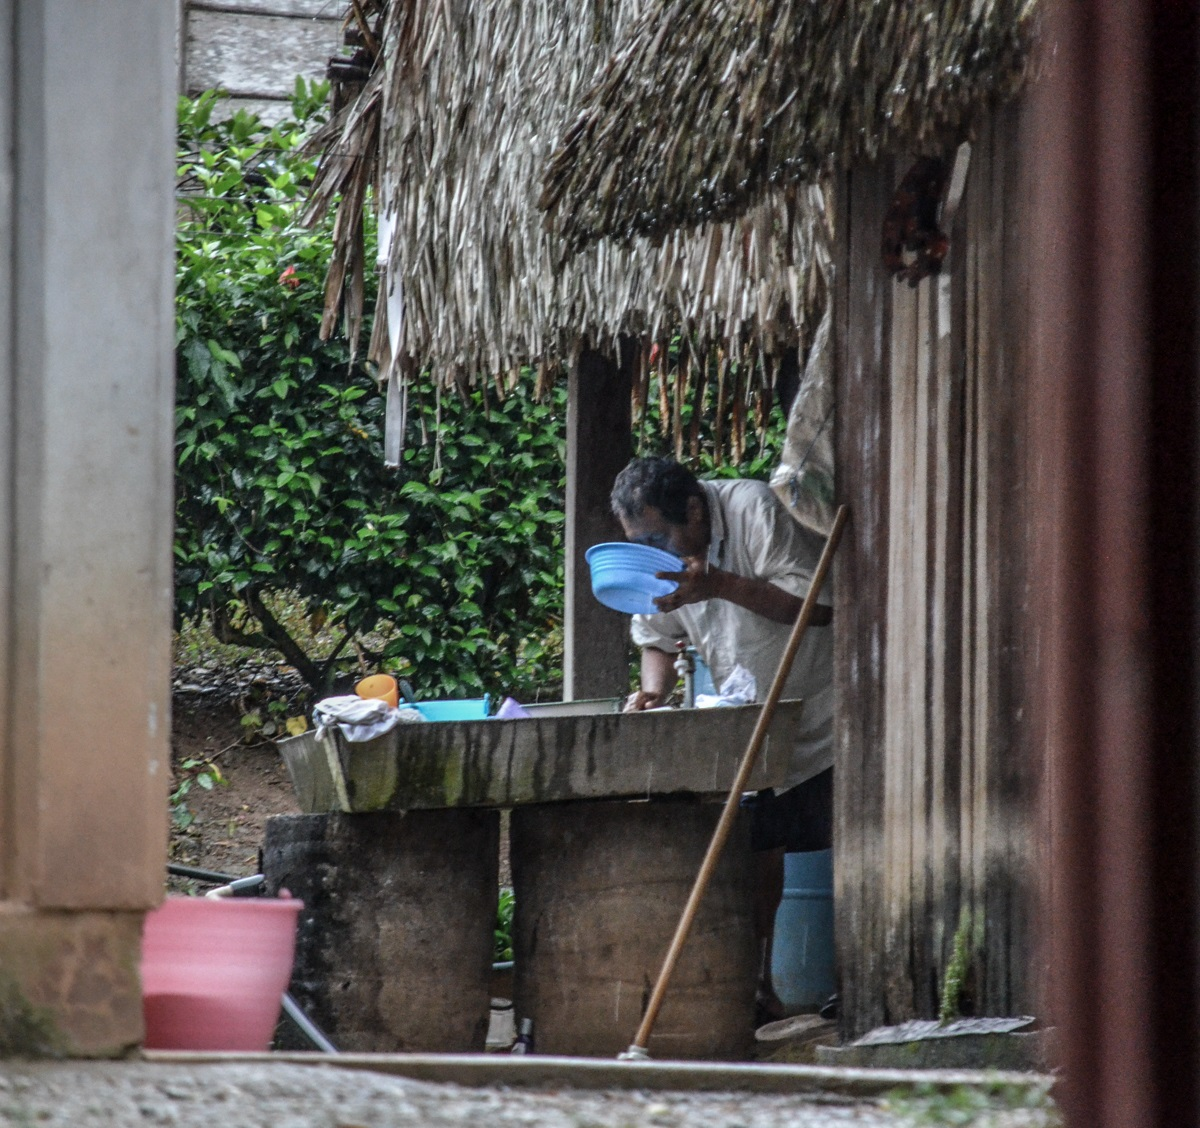 La vida en la región Chinateca, municipio de Santiago Jocotepec. Fotografía: José Luis Santillán